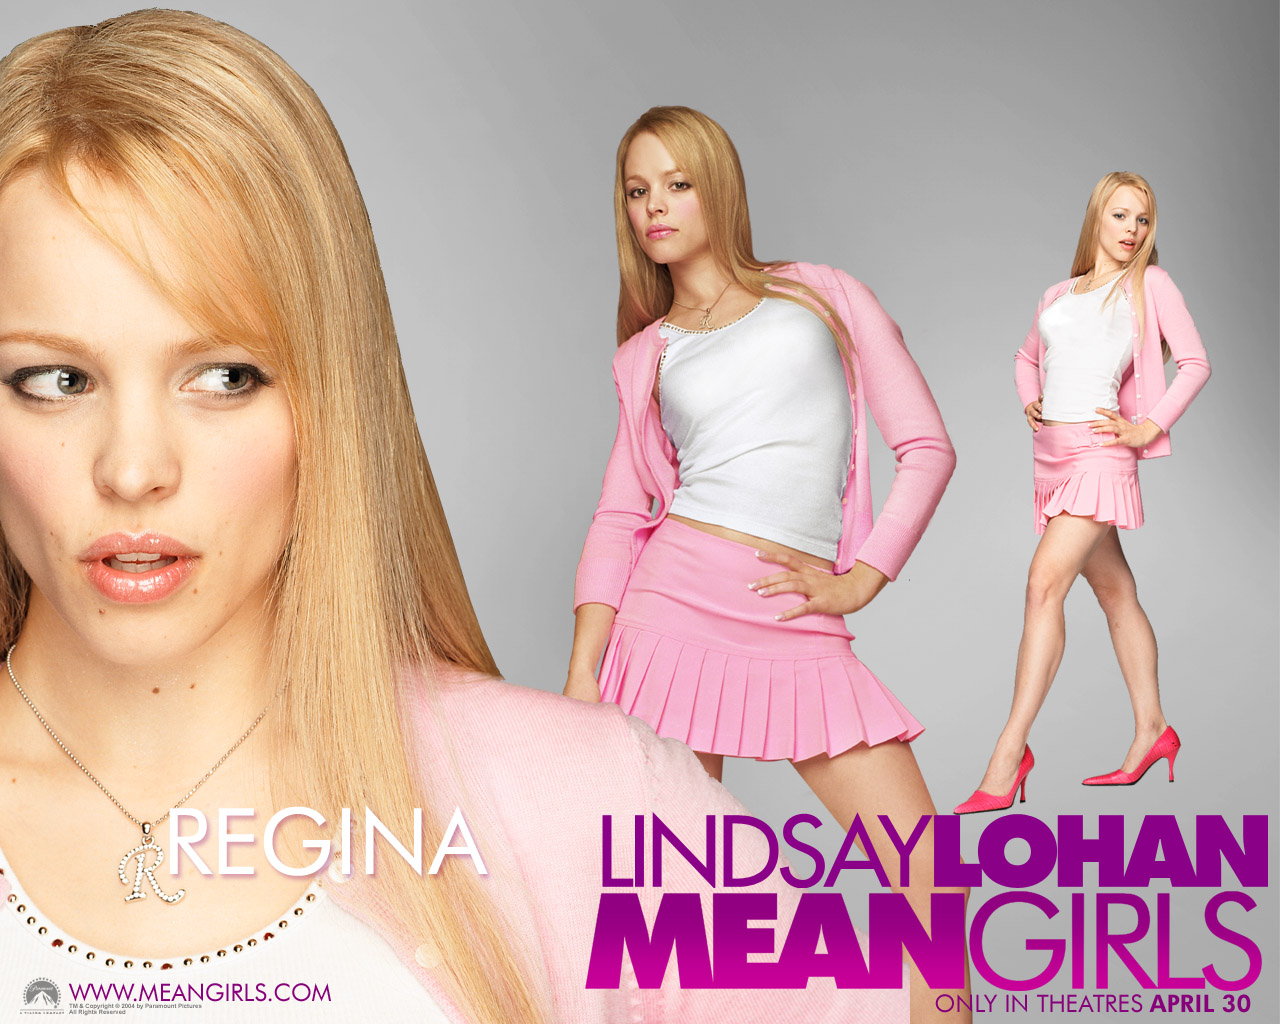 http://1.bp.blogspot.com/-Ndah1ggIjMI/TnwM1xQHmVI/AAAAAAAAAOc/vTo82K0cZ_w/s1600/rachel+mcadams+mean+girls+00.jpg